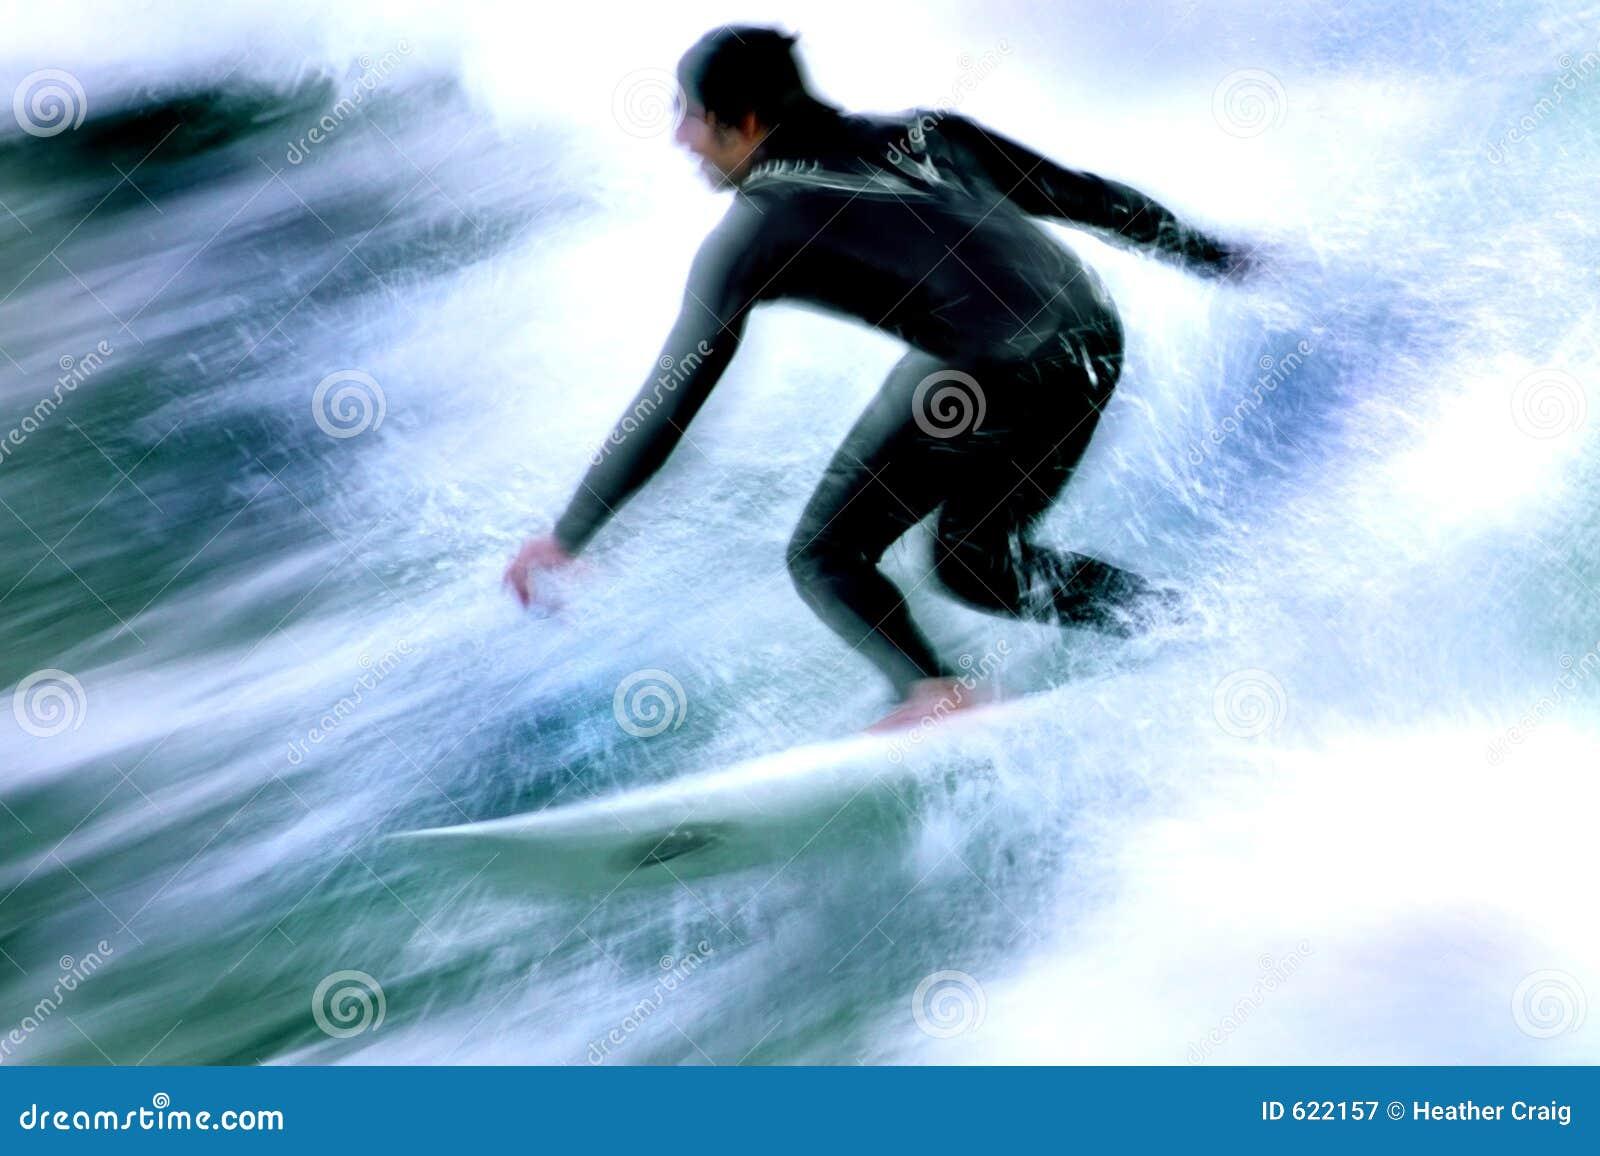 Surfer in Motie 4